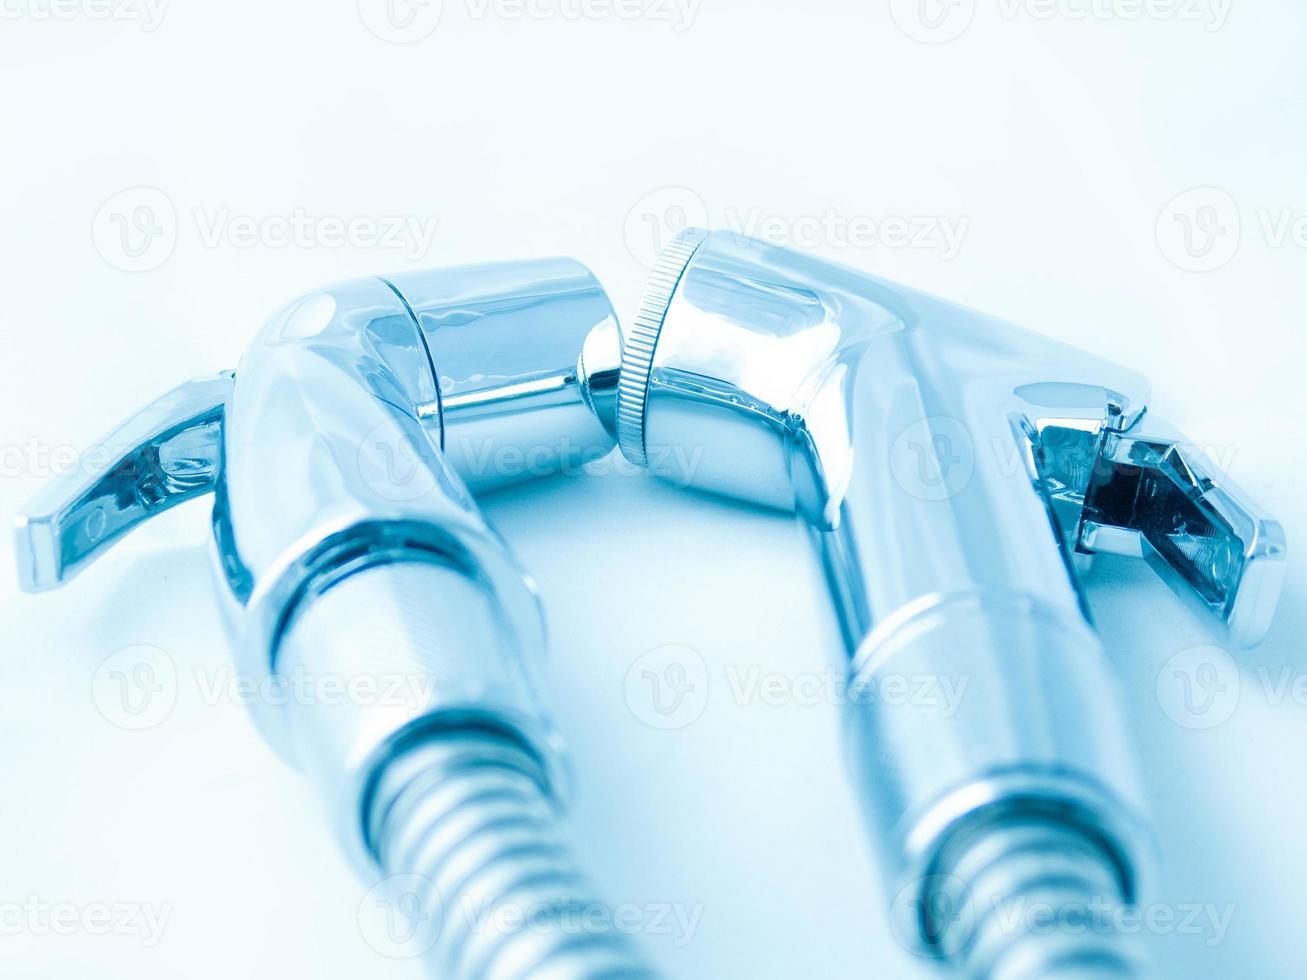 närbild av två bidéduschmaterial och spiralrör. designkonceptet är centrerat på en svaltonad spegelbakgrund som är mycket glänsande och dyr. rumpa rengöringsutrustning i badrummet foto